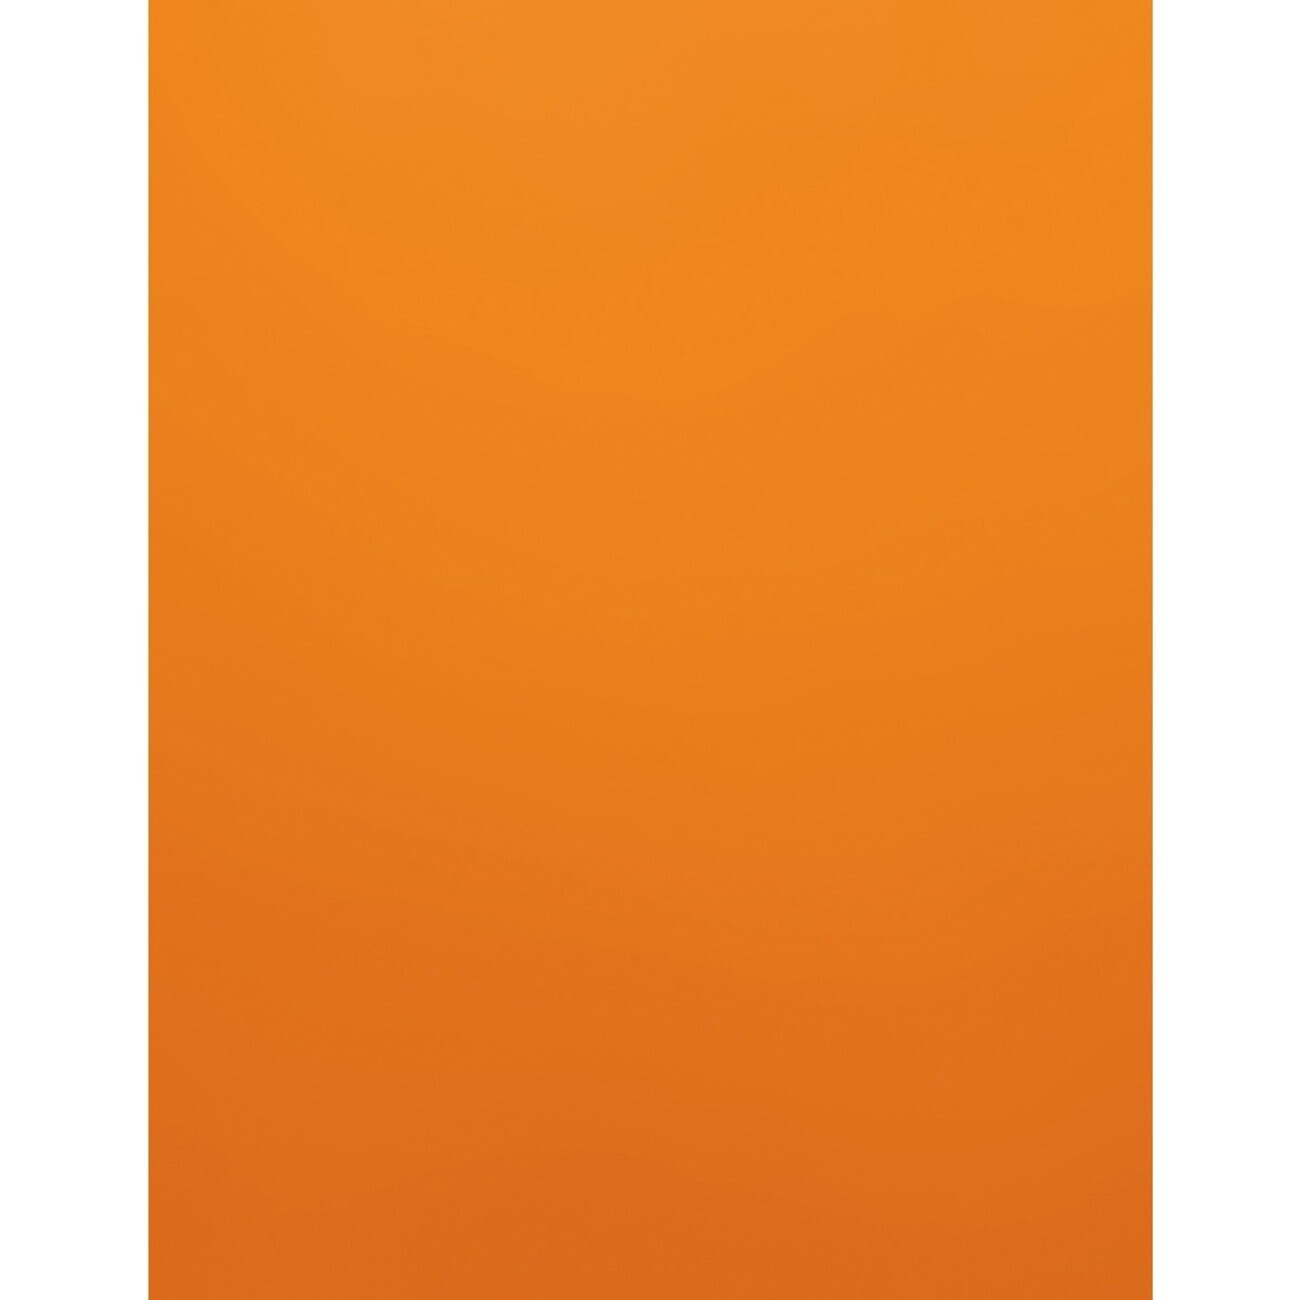 Cardstock, 60lb, Letter Orange, 500 pack, Earthchoice